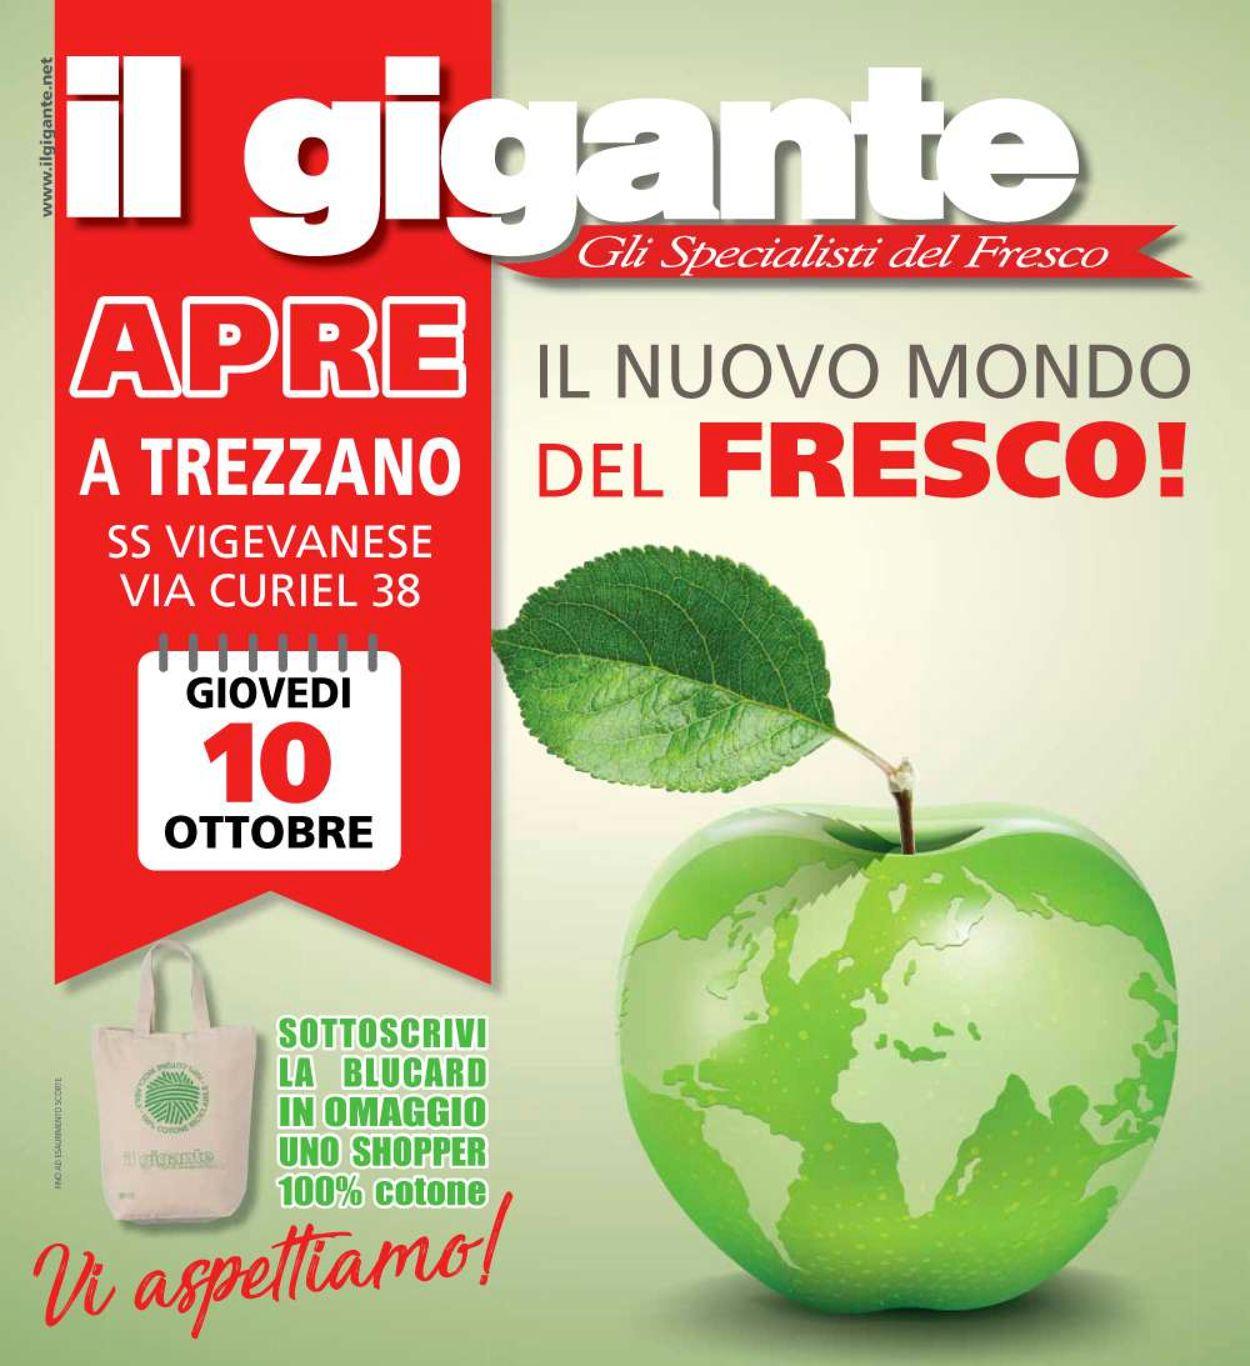 Volantino Il Gigante - Offerte 10/10-23/10/2019